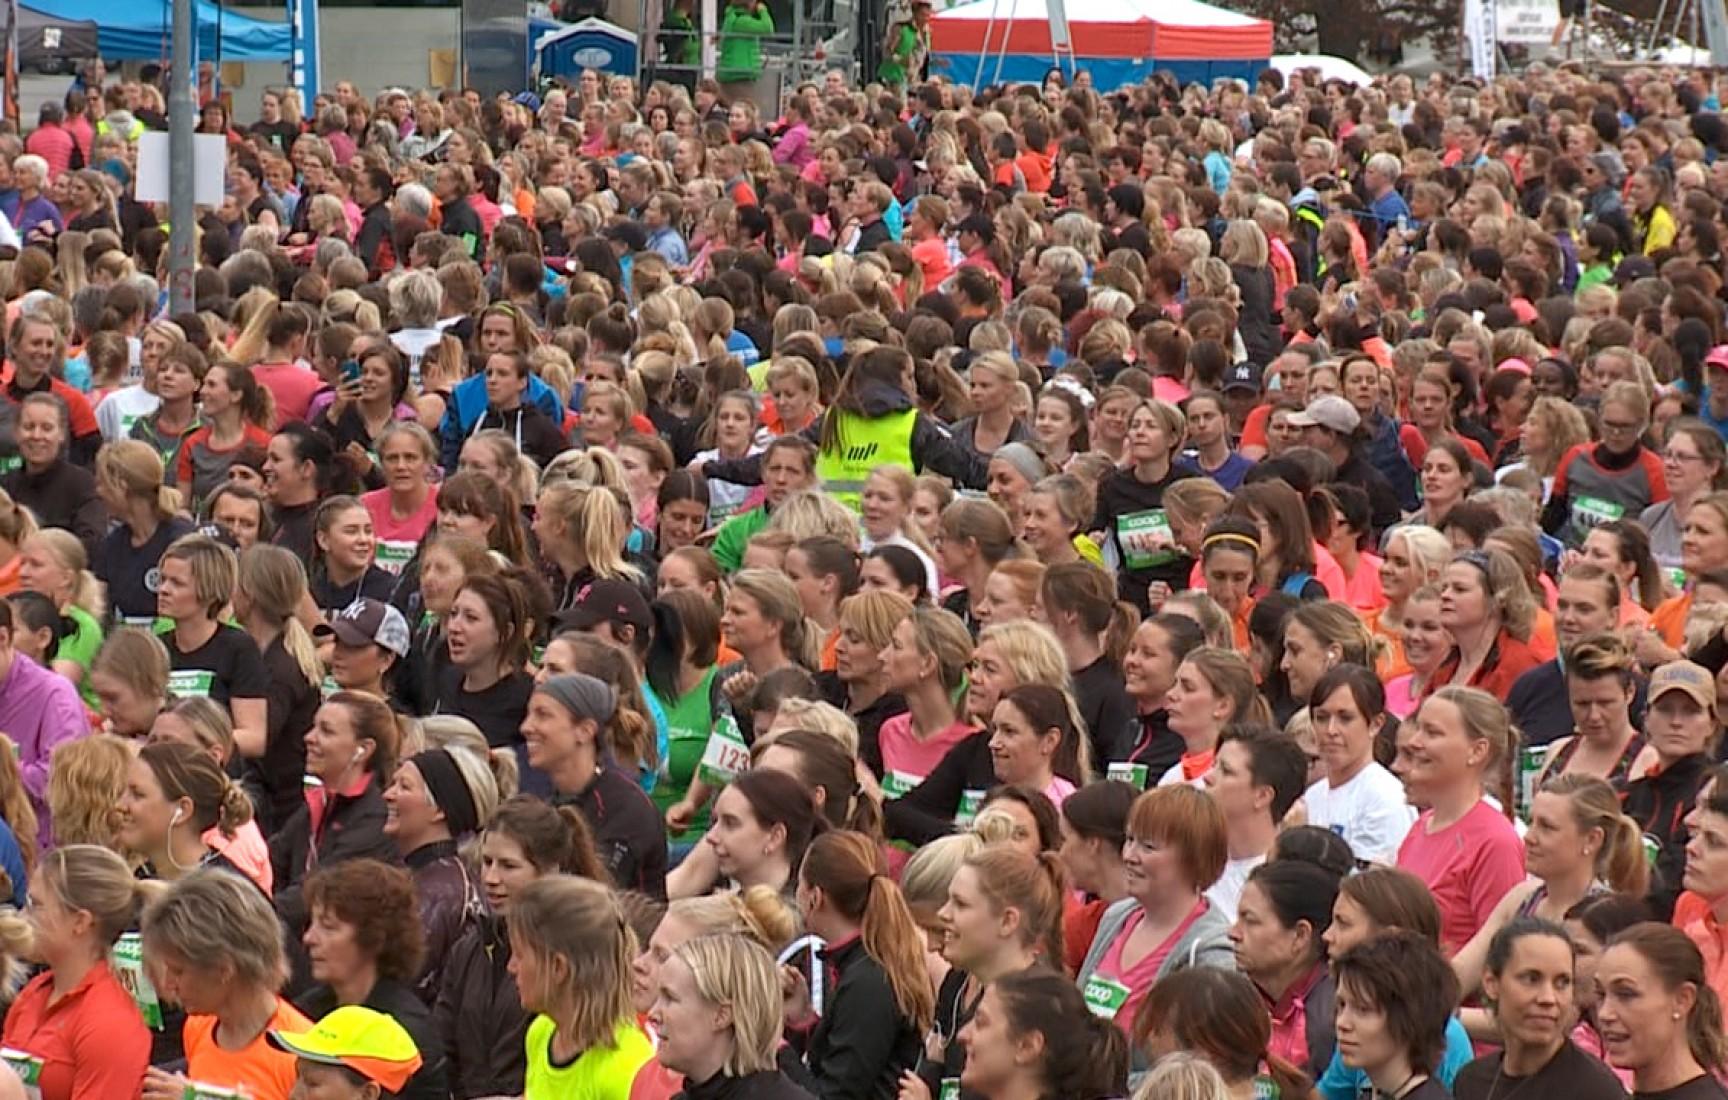 Glimt Sport – Vårruset Karlstad 2016